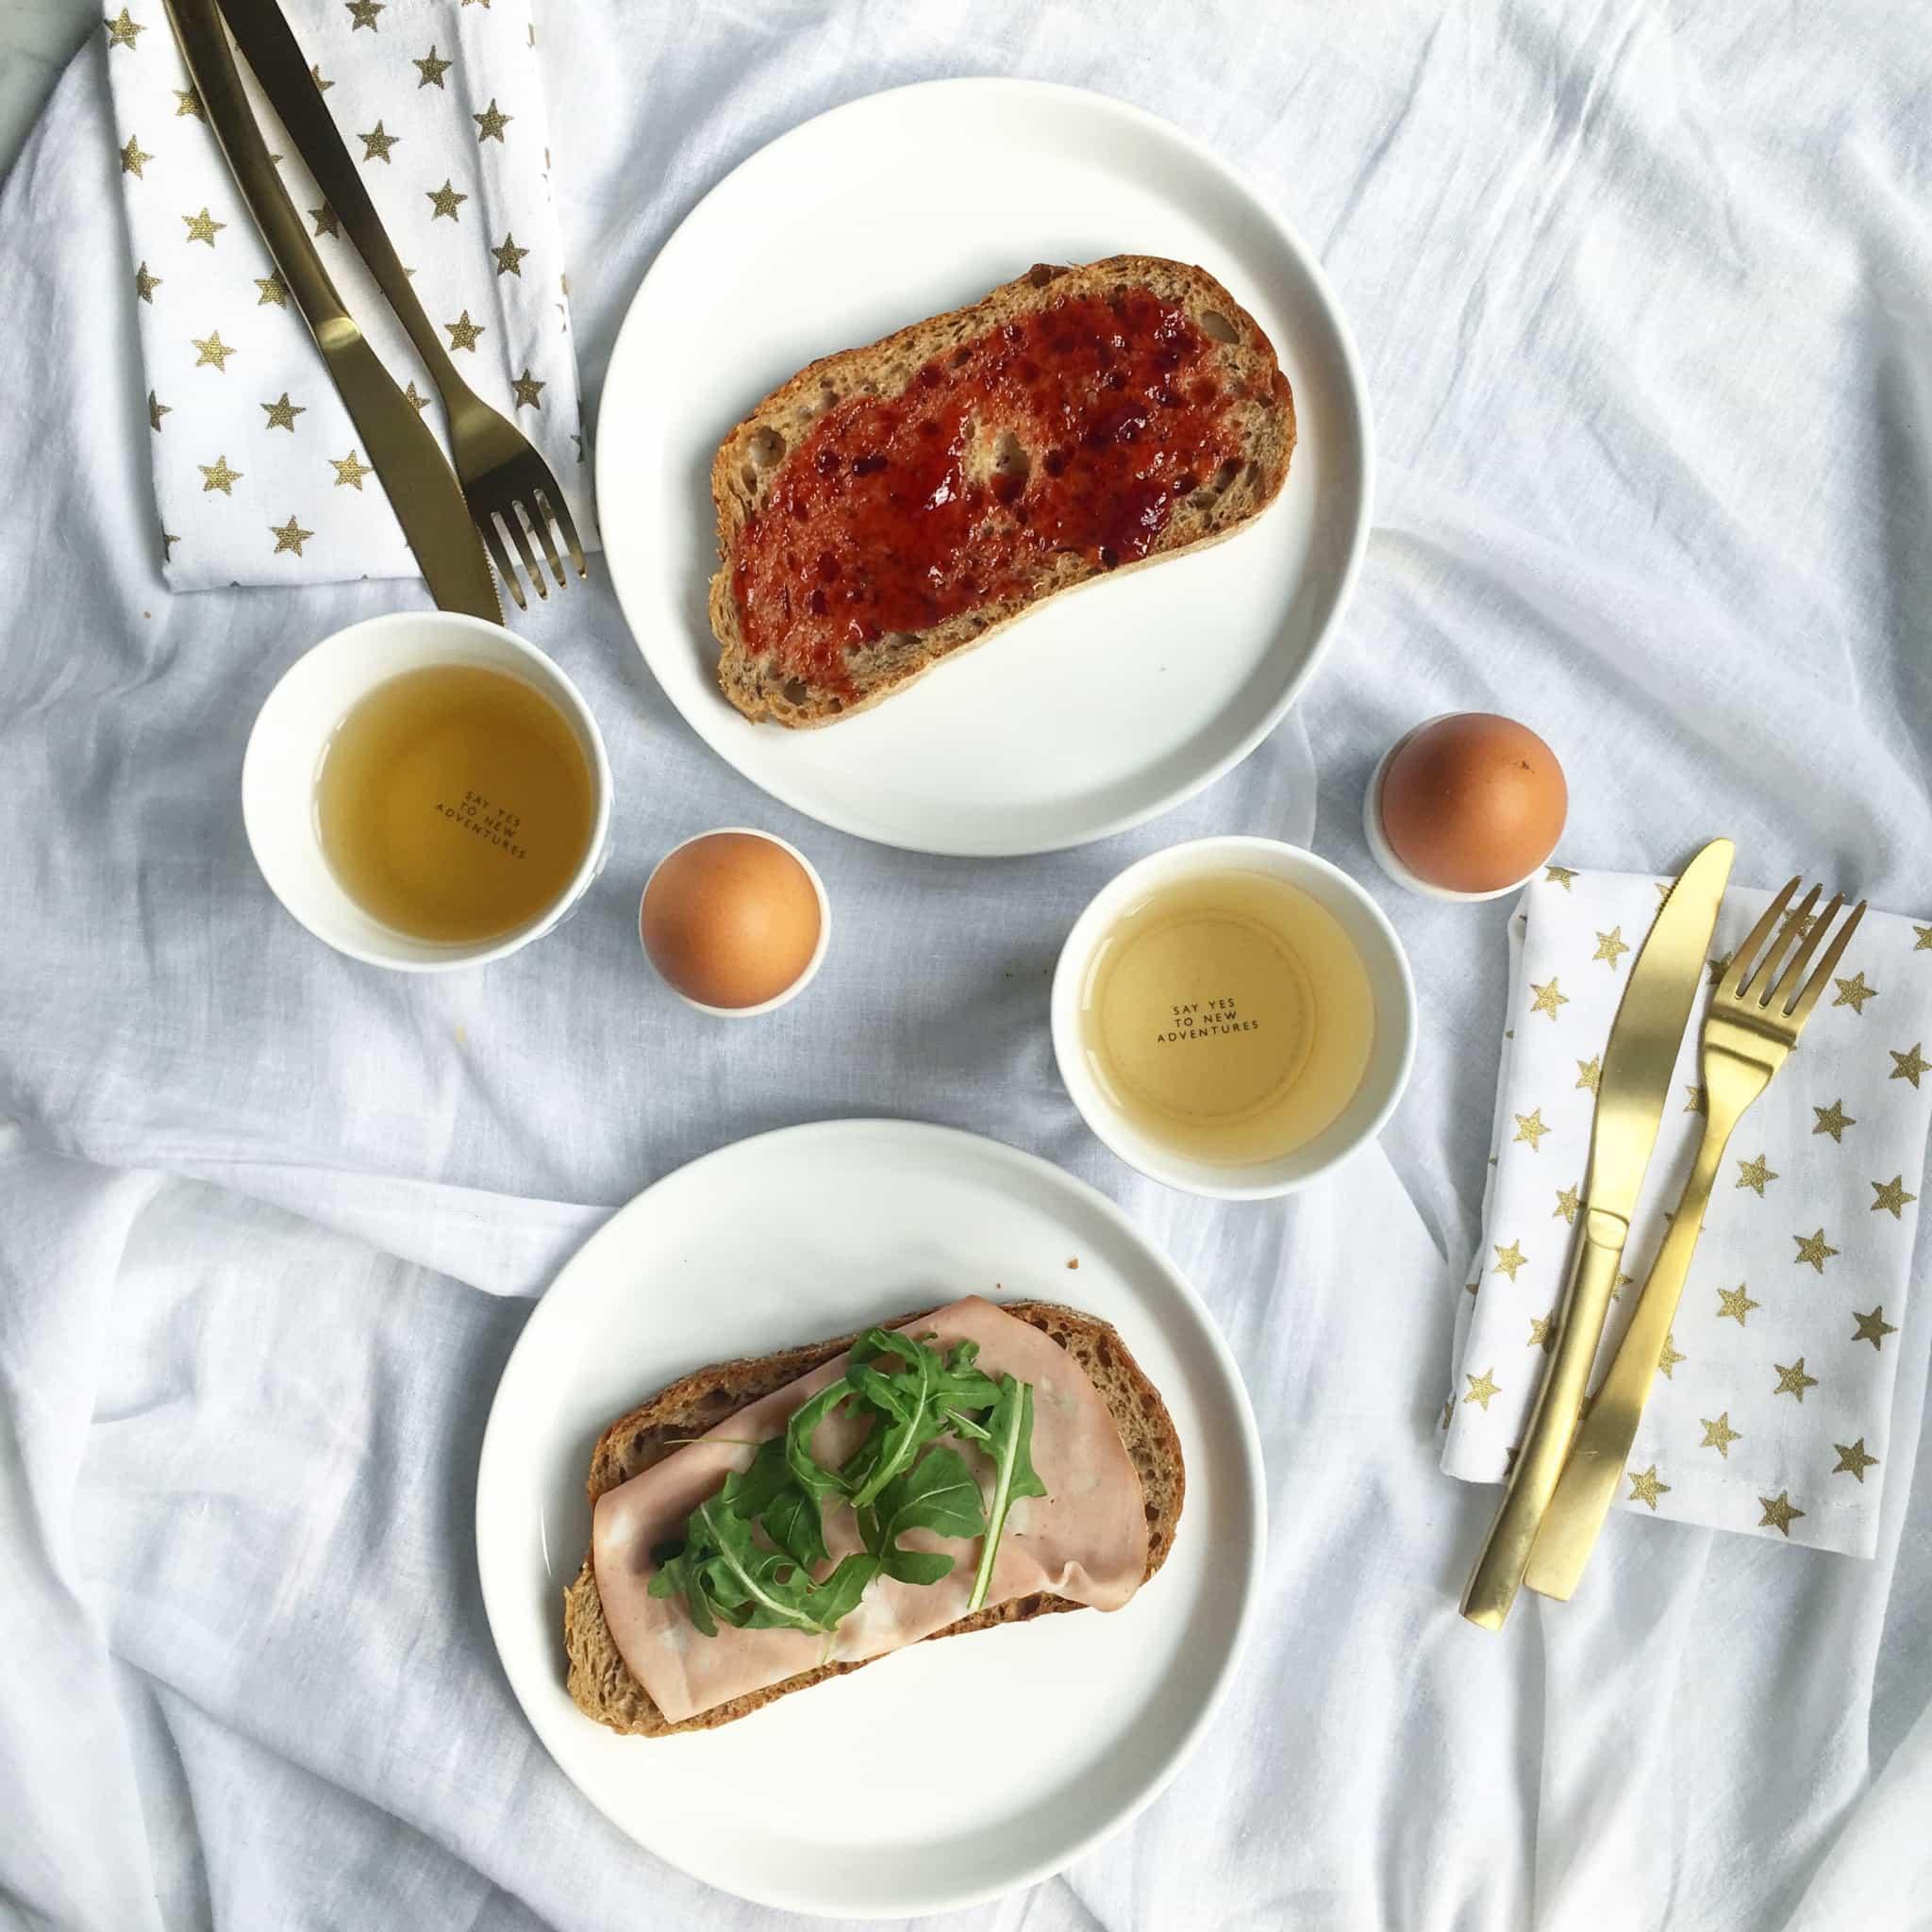 image22 - The BF is back, tijd voor een uitgebreid ontbijtje + tips